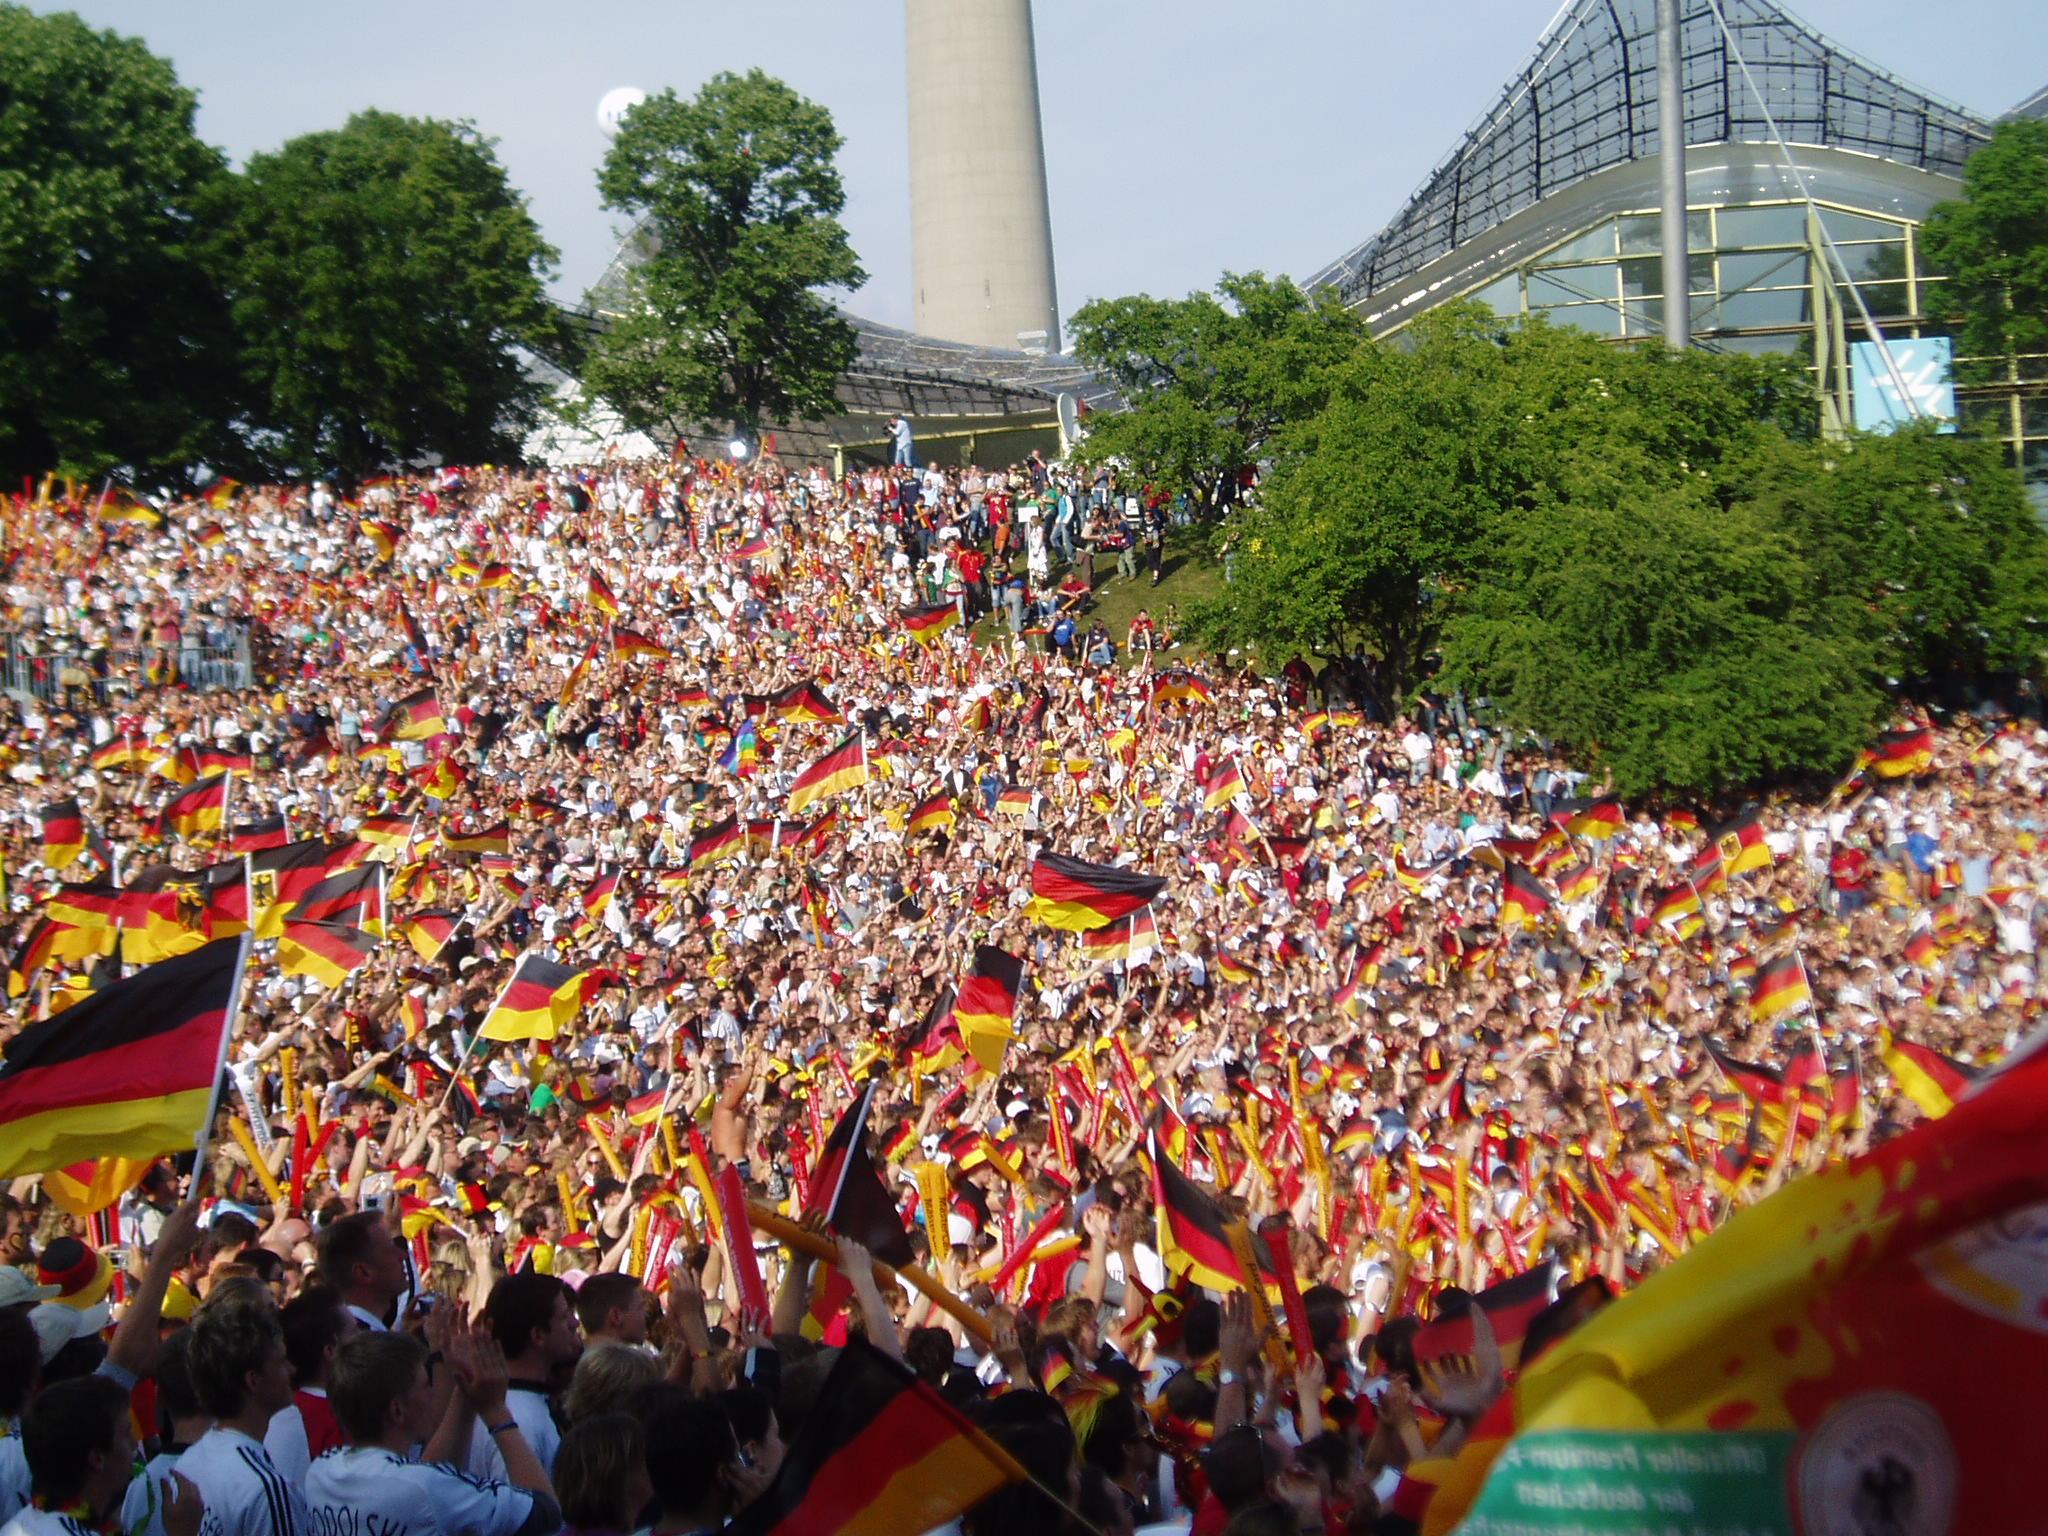 Deutsche Fußballfans während der Fußball-WM 2006